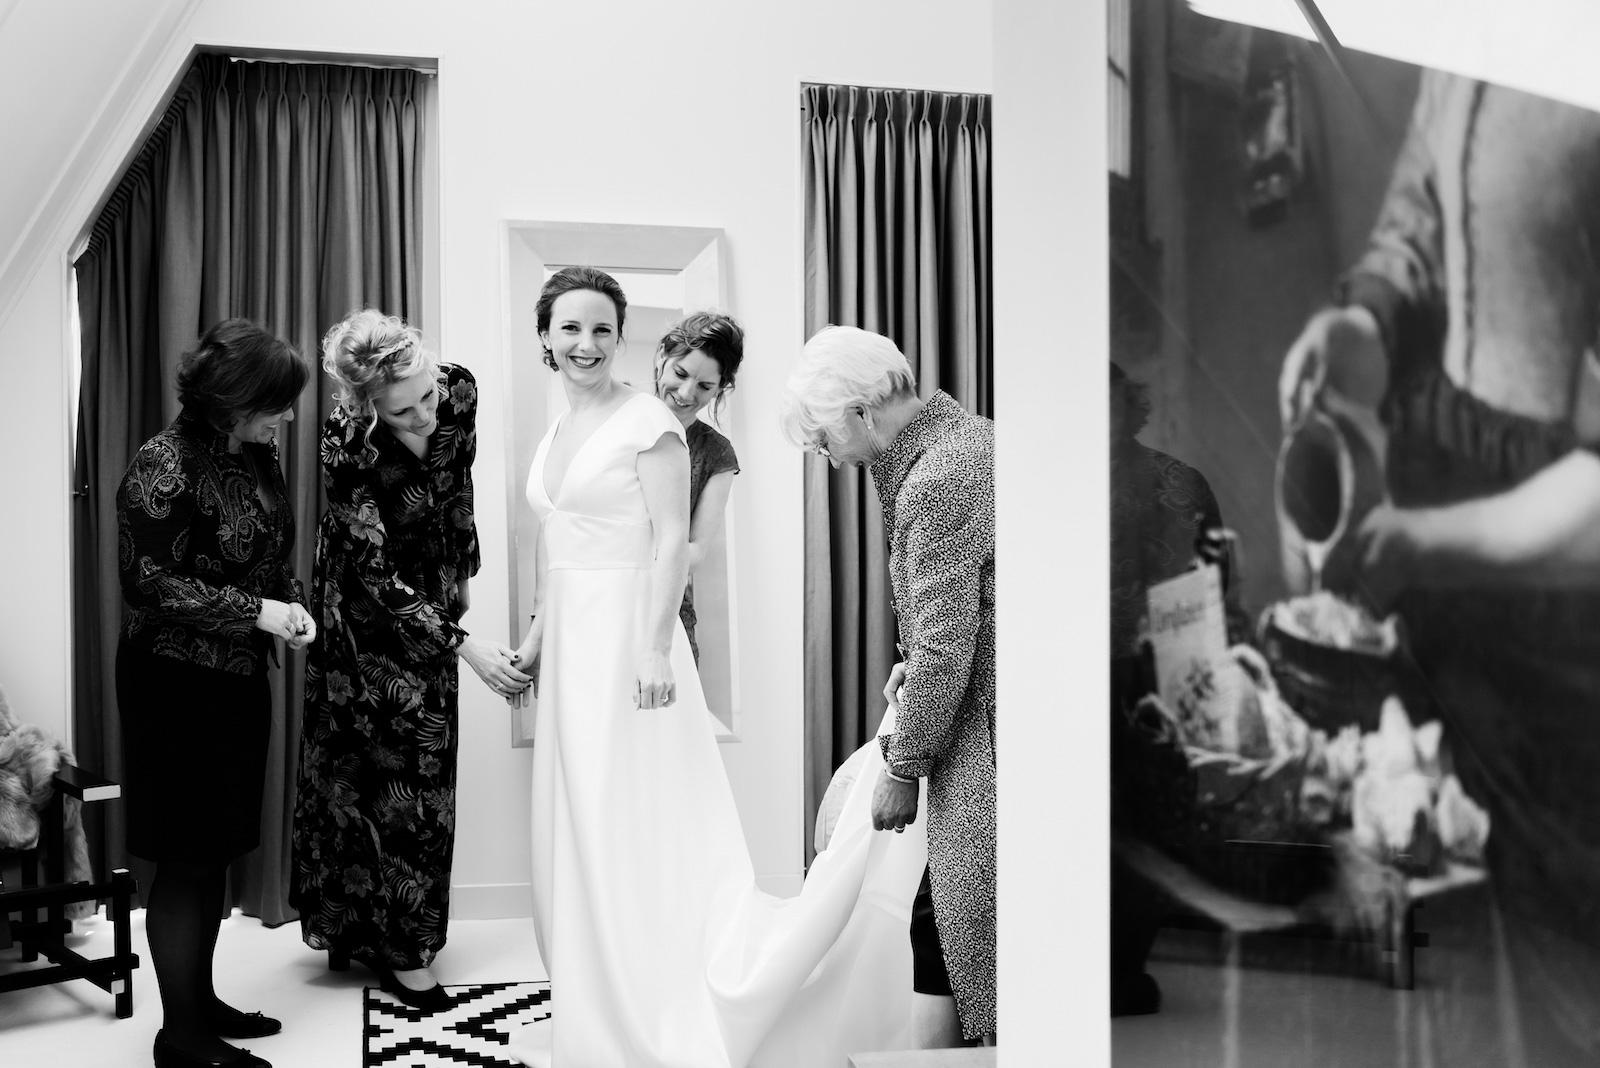 Bruidsfotograaf trouwfotografie huwelijksfotograaf trouwfoto bruidsfoto zalmiy paeez fotografie noordholland haarlem heemsteede